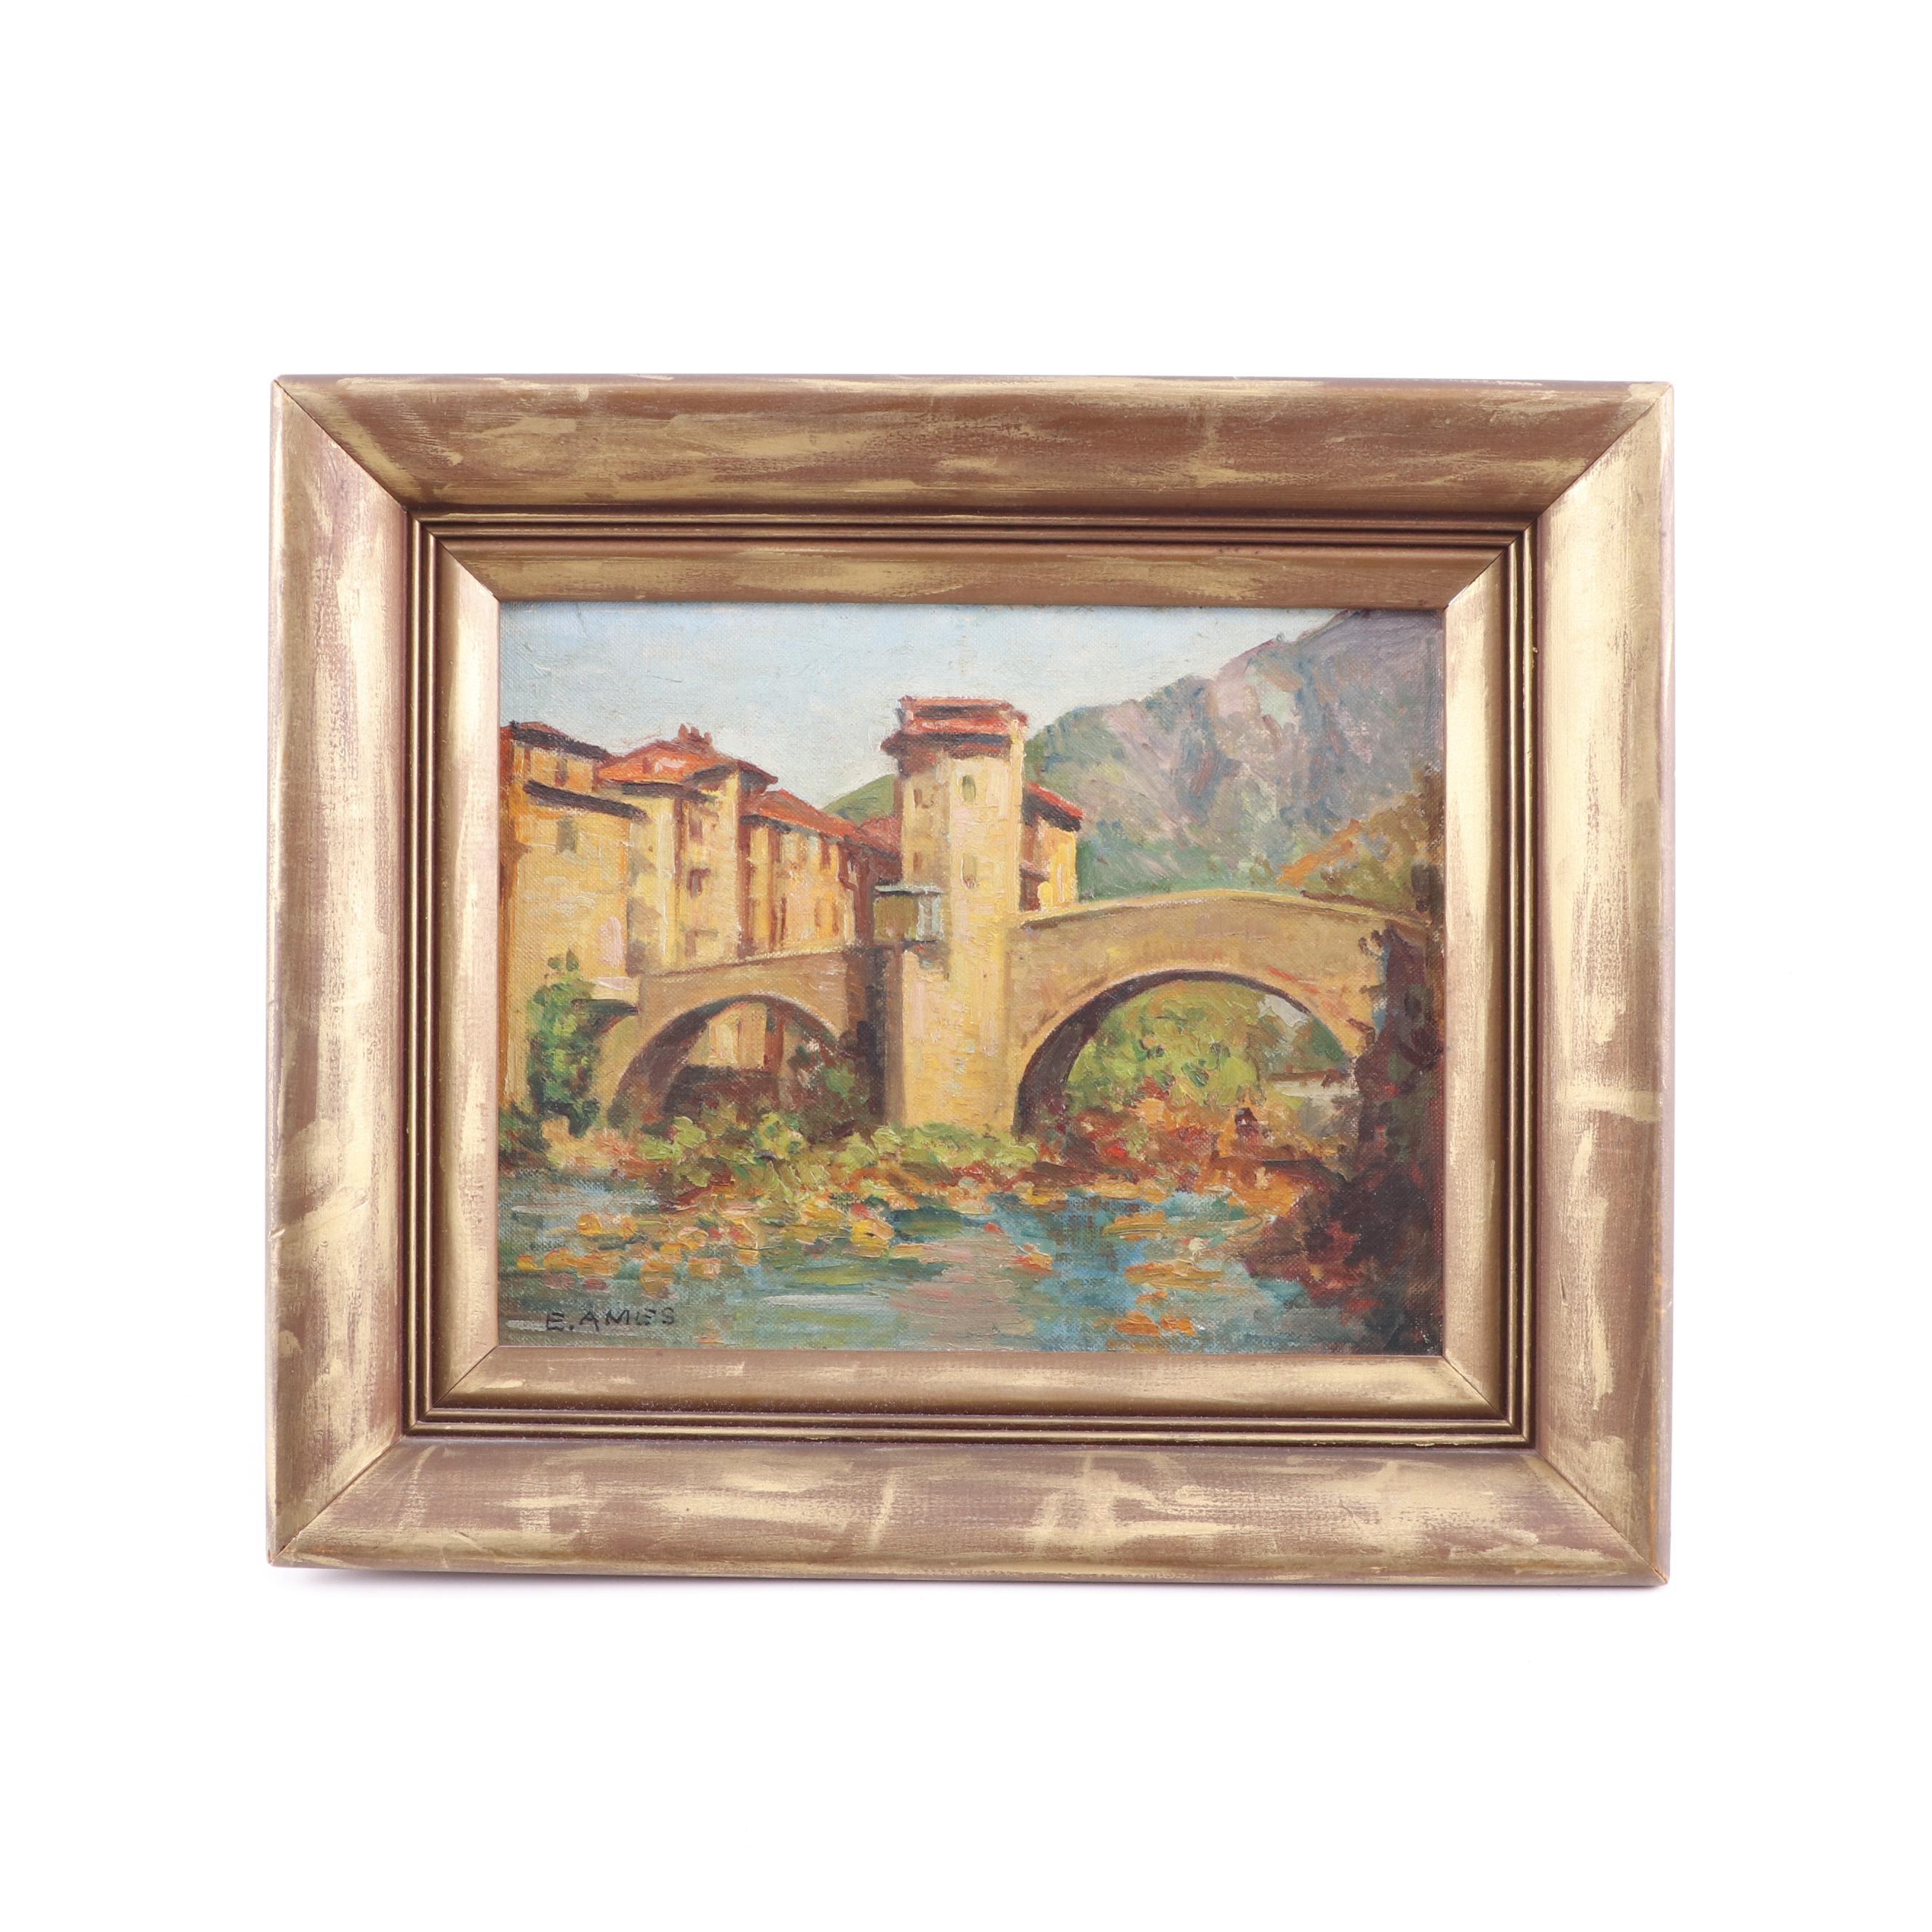 E. Ames European Landscape Oil Painting